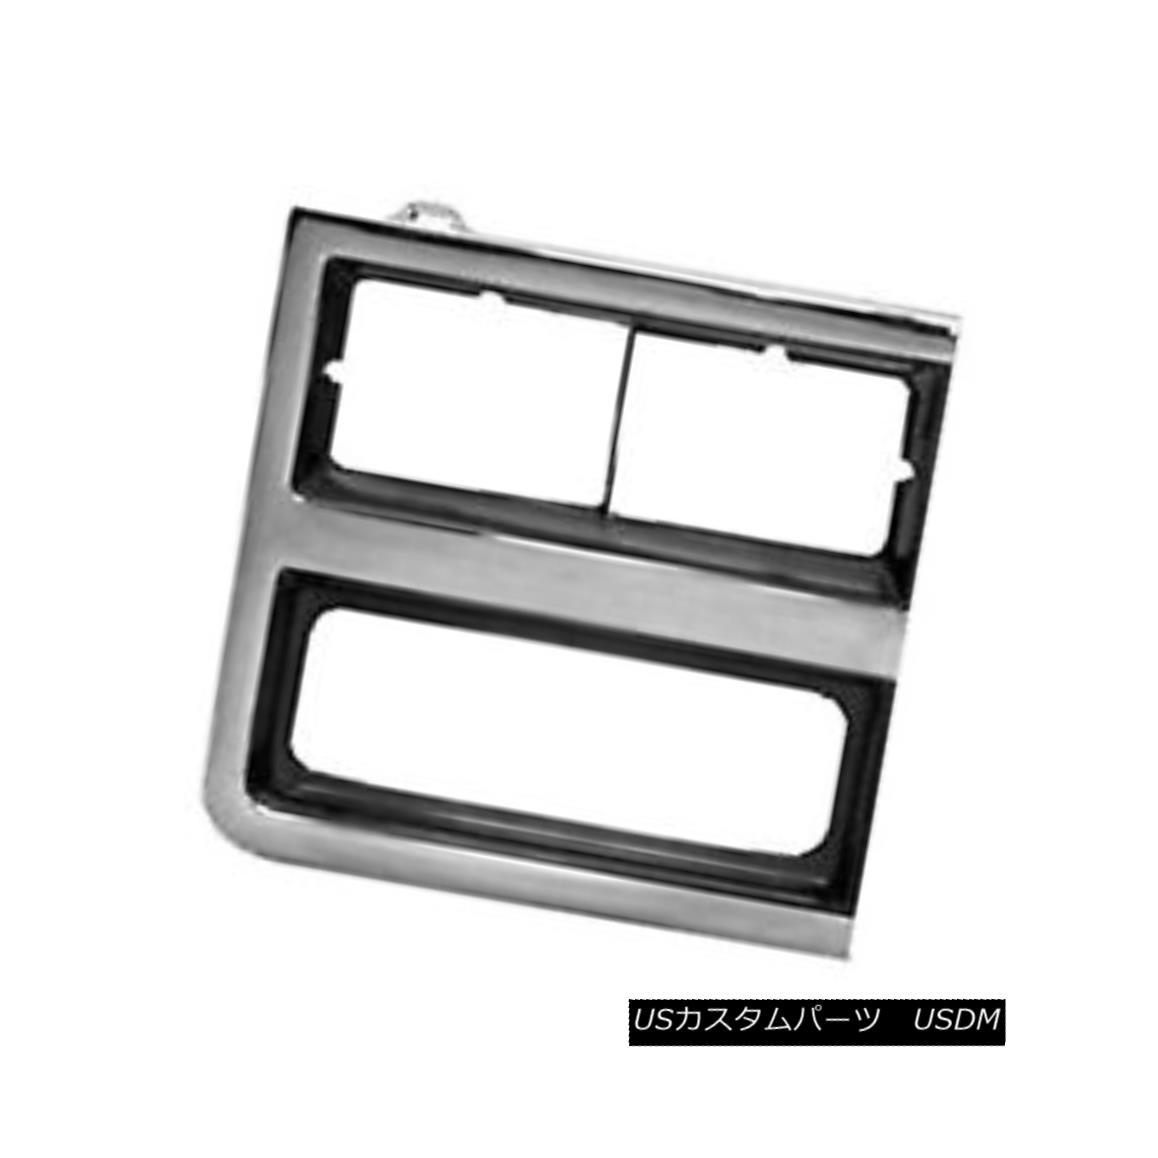 グリル Replacement Headlight Door Passenger Side for Dual Lamps Rectangular 630-00934R 二重ランプのための交換用ヘッドライトドア乗客側長方形630-00934R